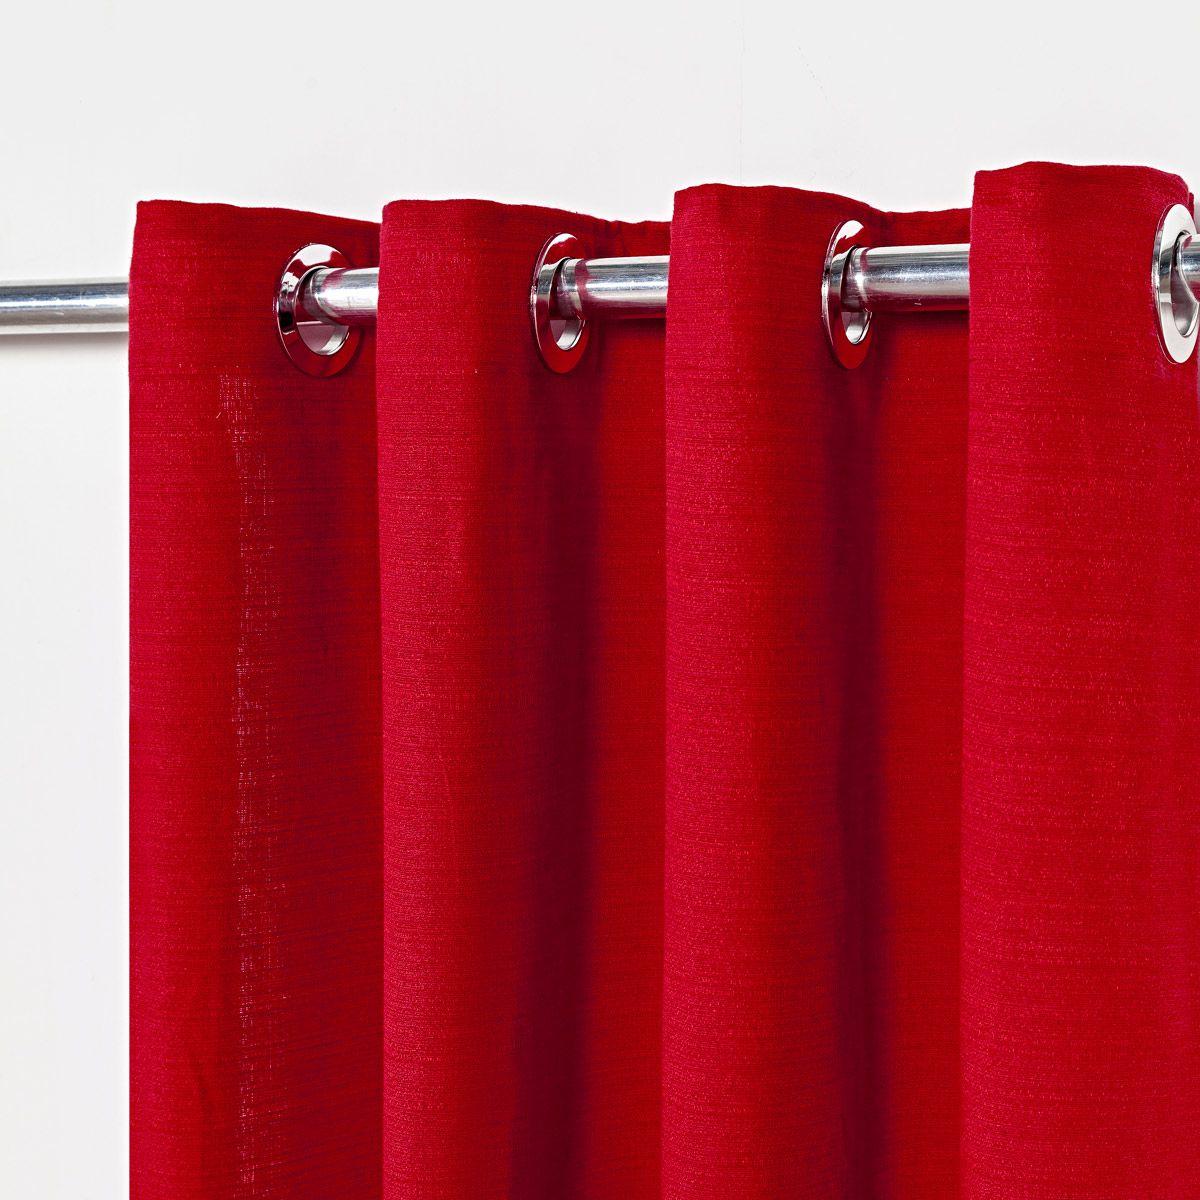 Cortina Rústica Texturizada Vermelho 2,80m X 2,30m p/ Varão simples de até 2,00m